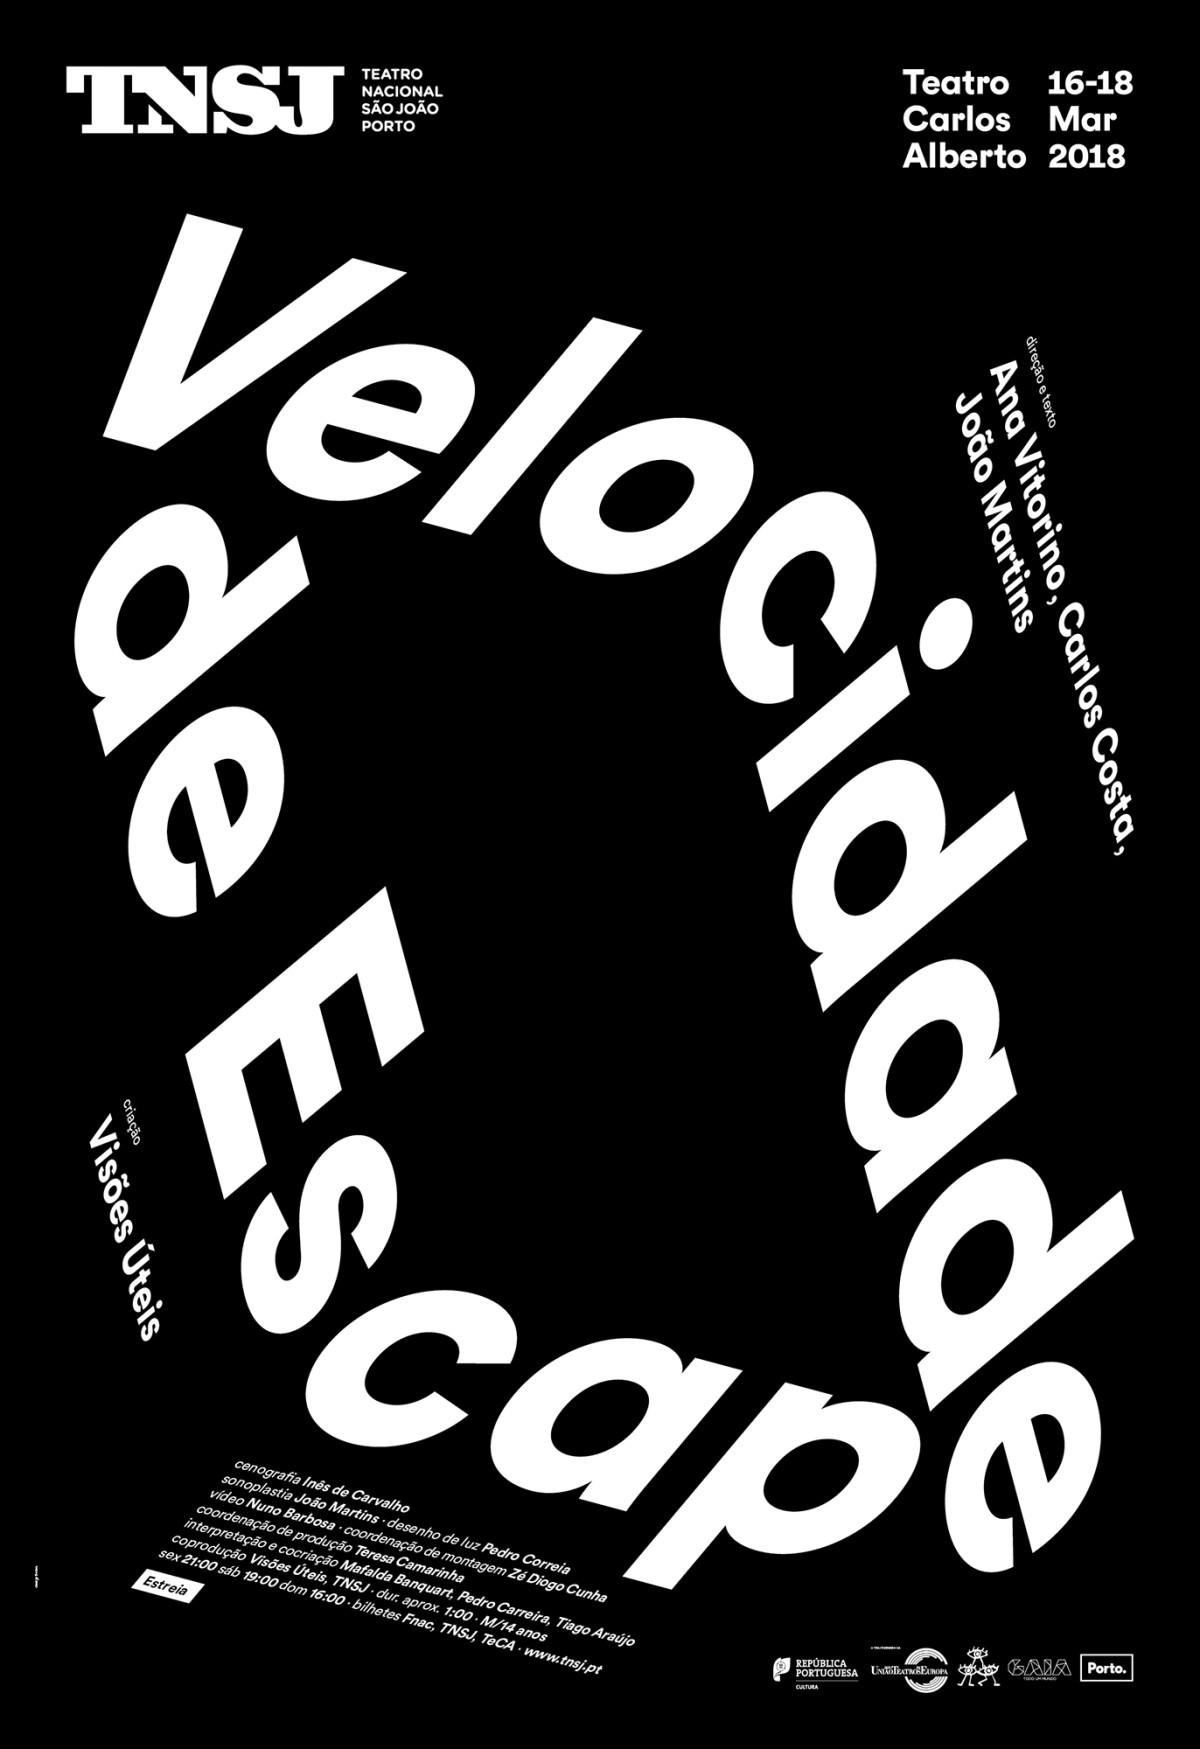 São João National Theatre Posters 2017-2018 Image:10.2